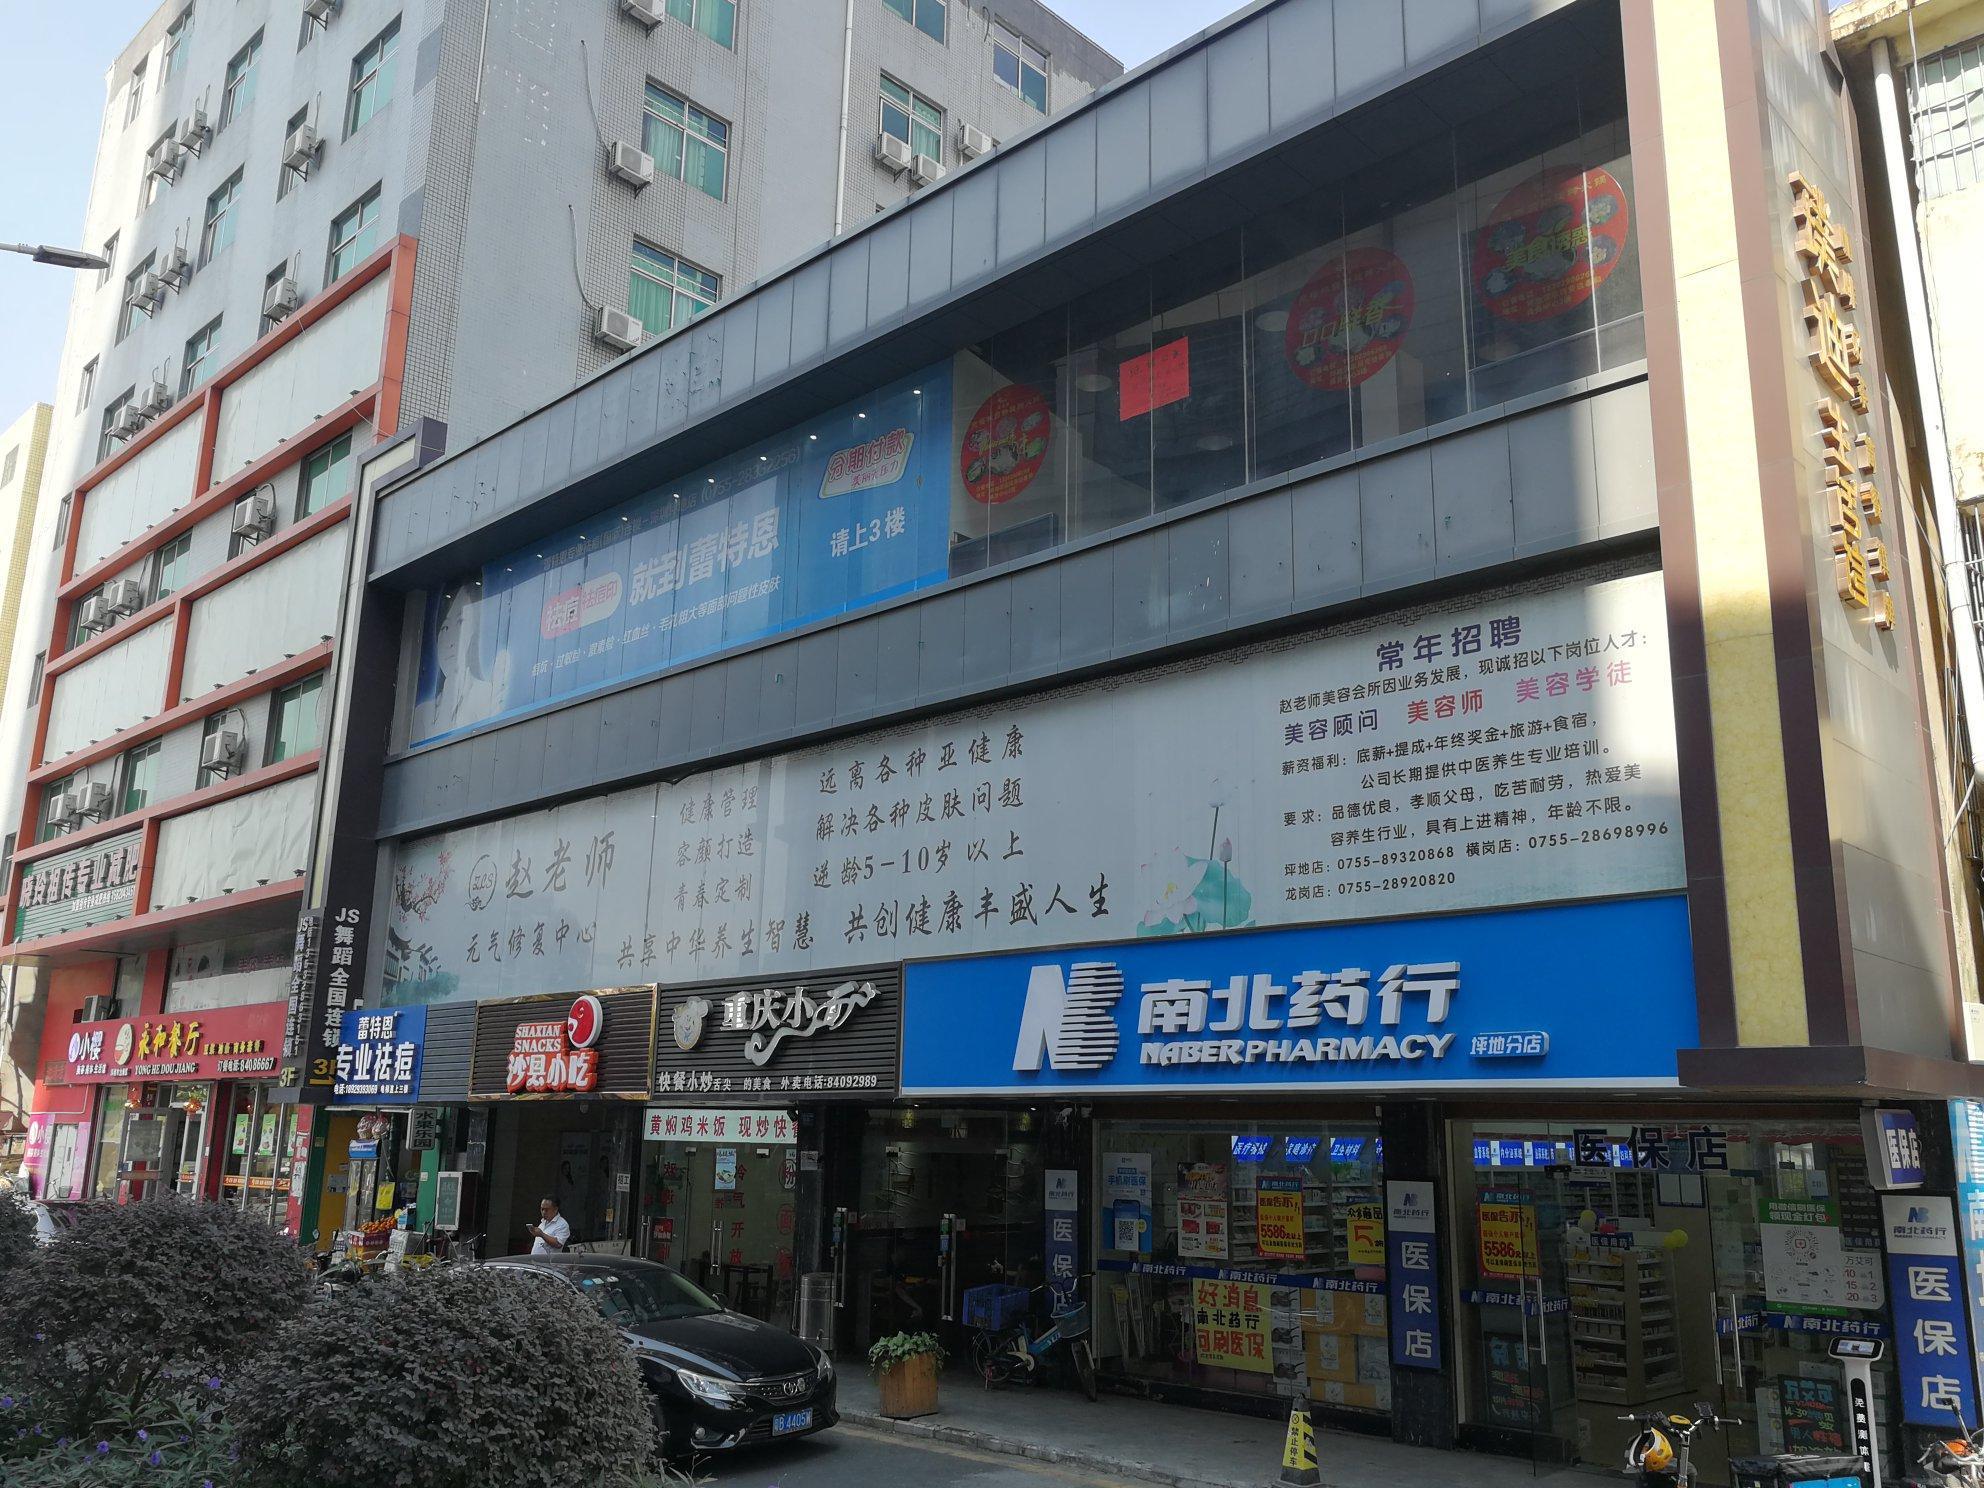 深圳龙岗大道边红本商业厂房出售投资很有价值